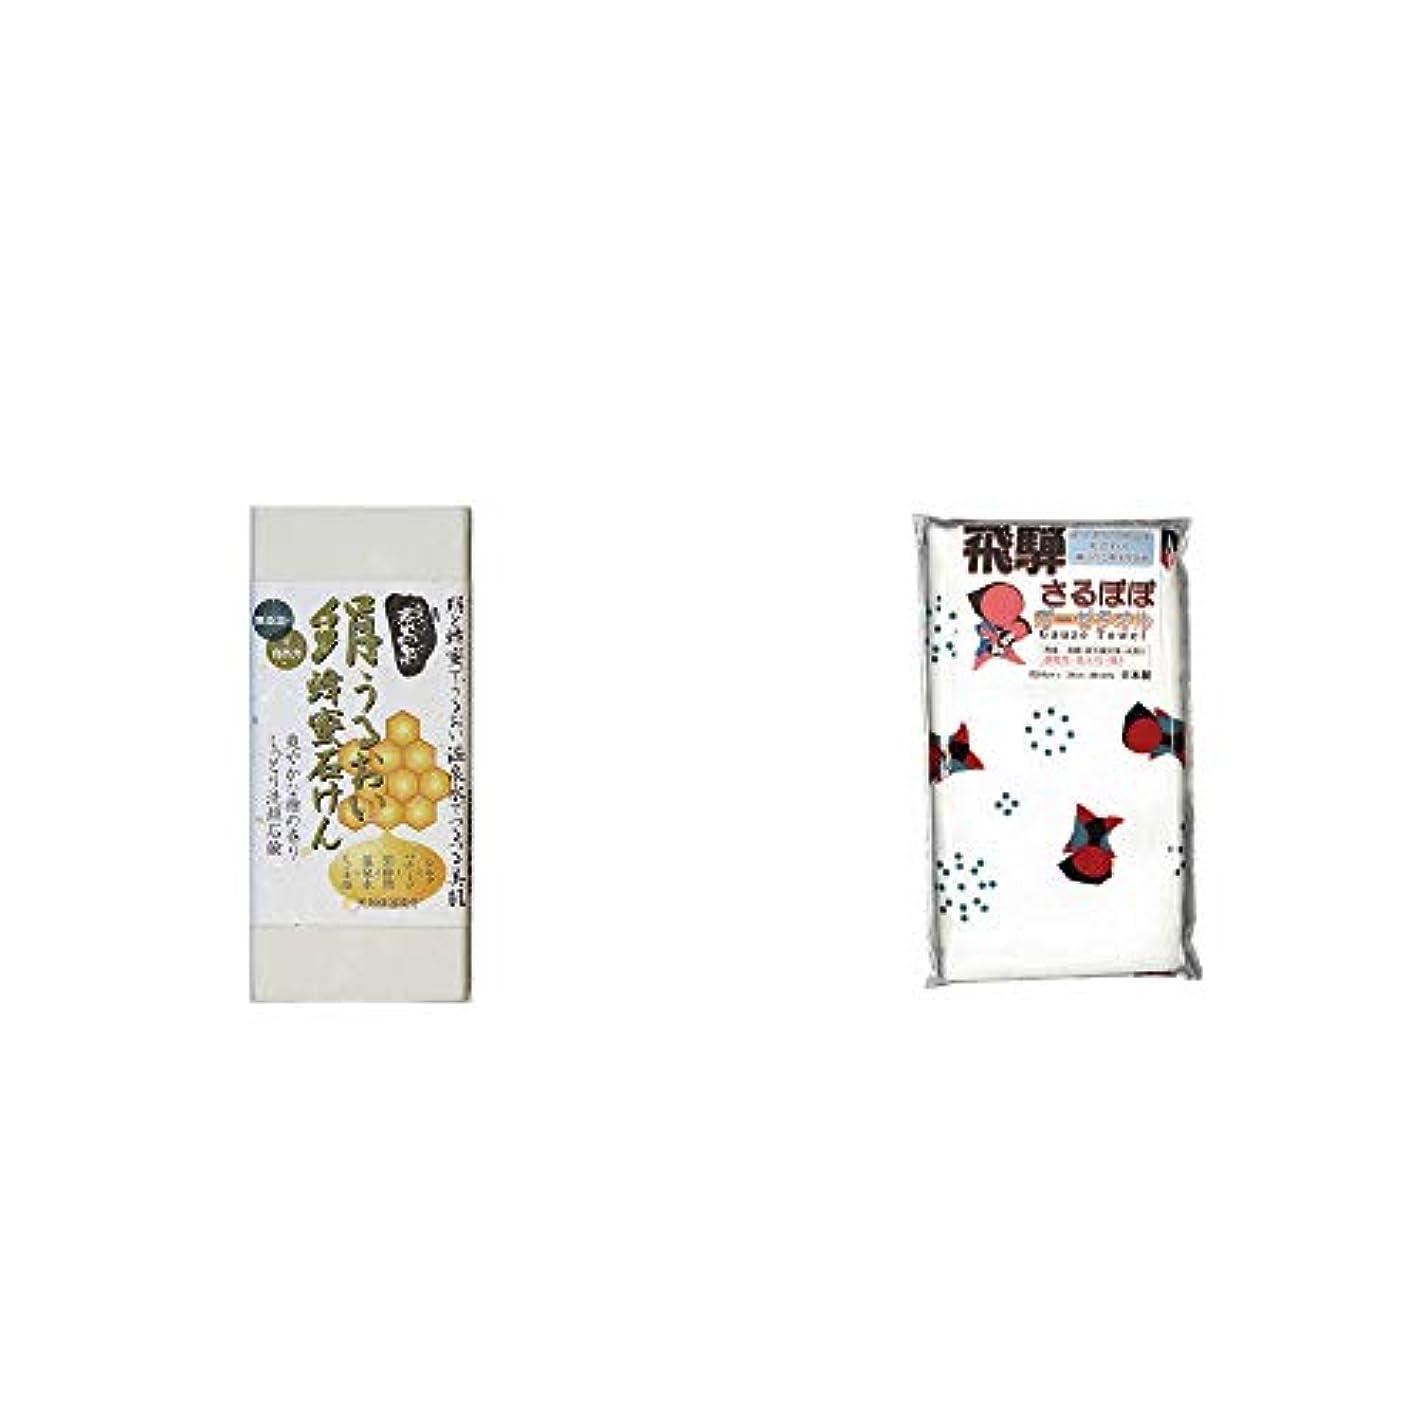 ブリリアントばかげたメロディー[2点セット] ひのき炭黒泉 絹うるおい蜂蜜石けん(75g×2)?飛騨さるぼぼ ガーゼタオル